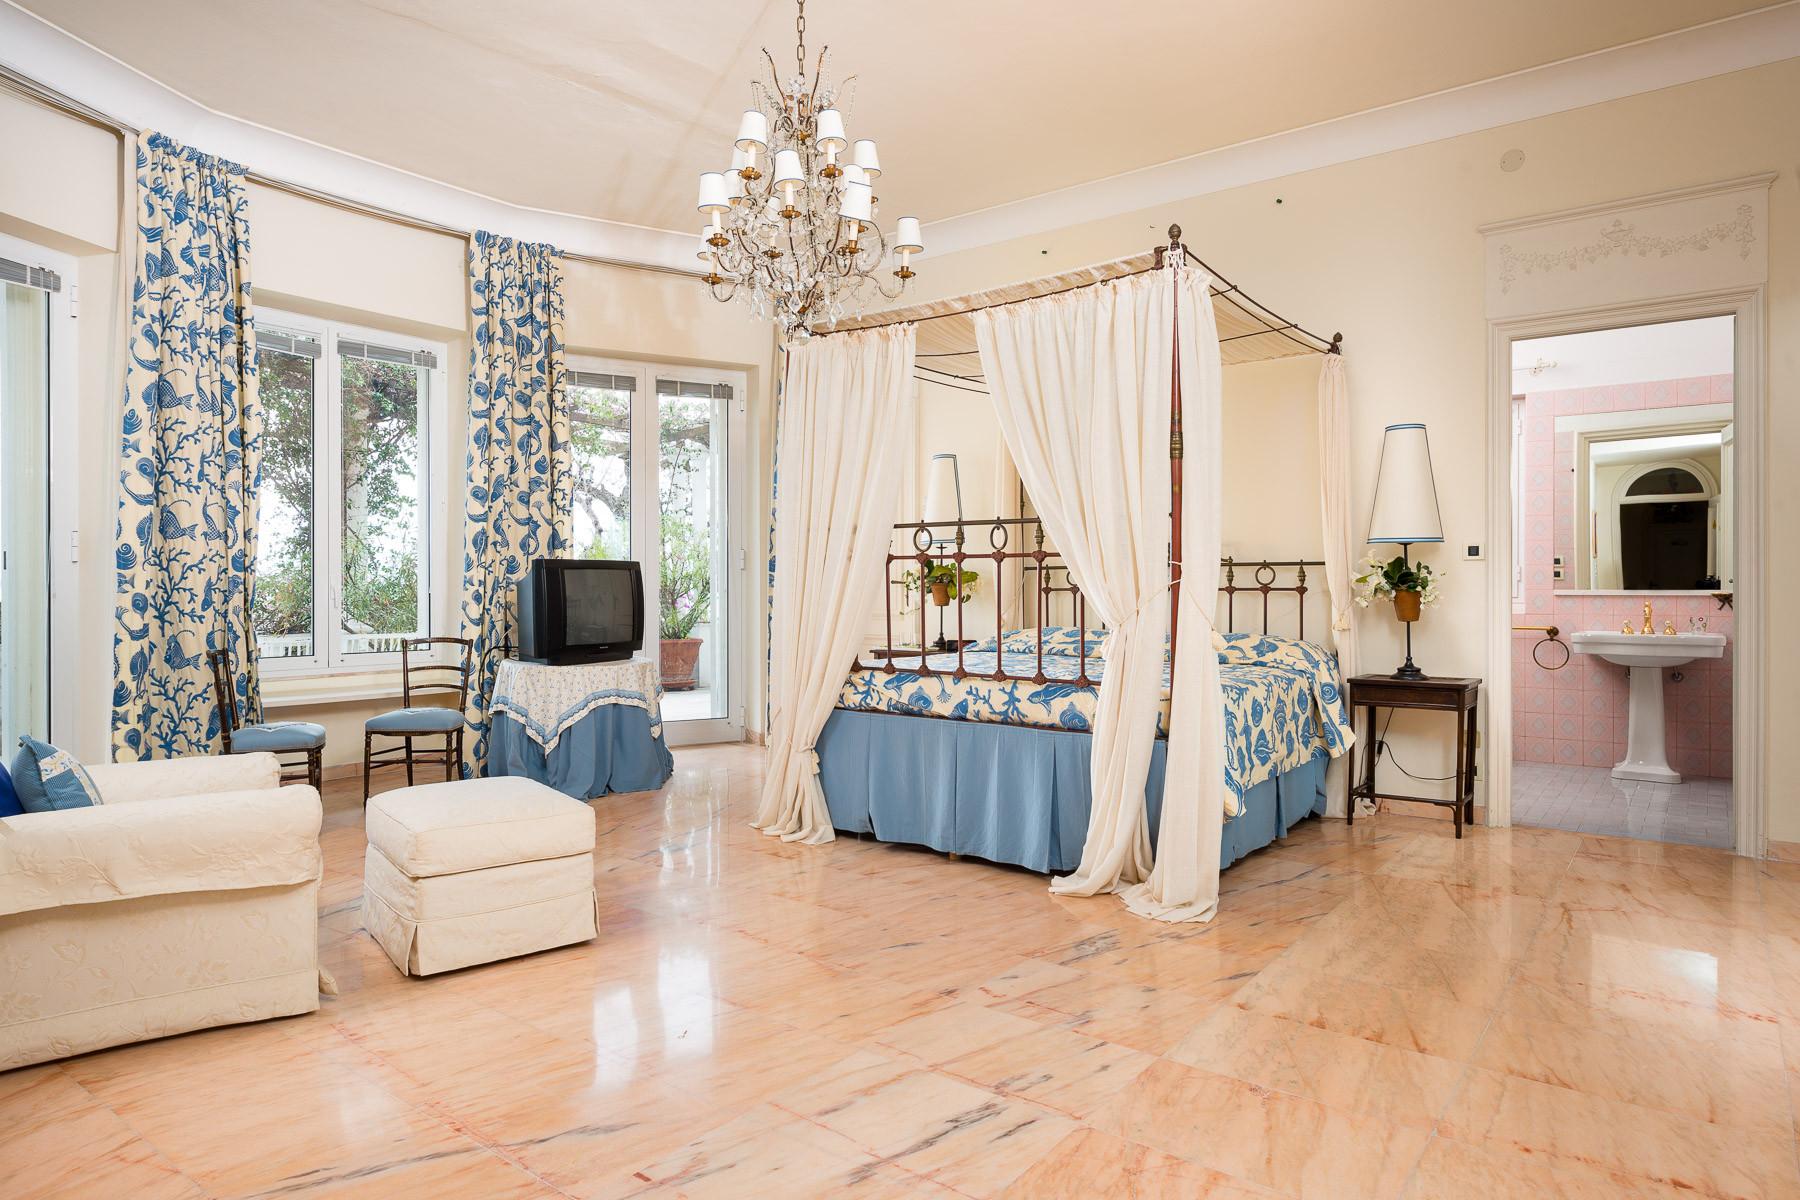 Villa in Vendita a Ventimiglia: 5 locali, 392 mq - Foto 9